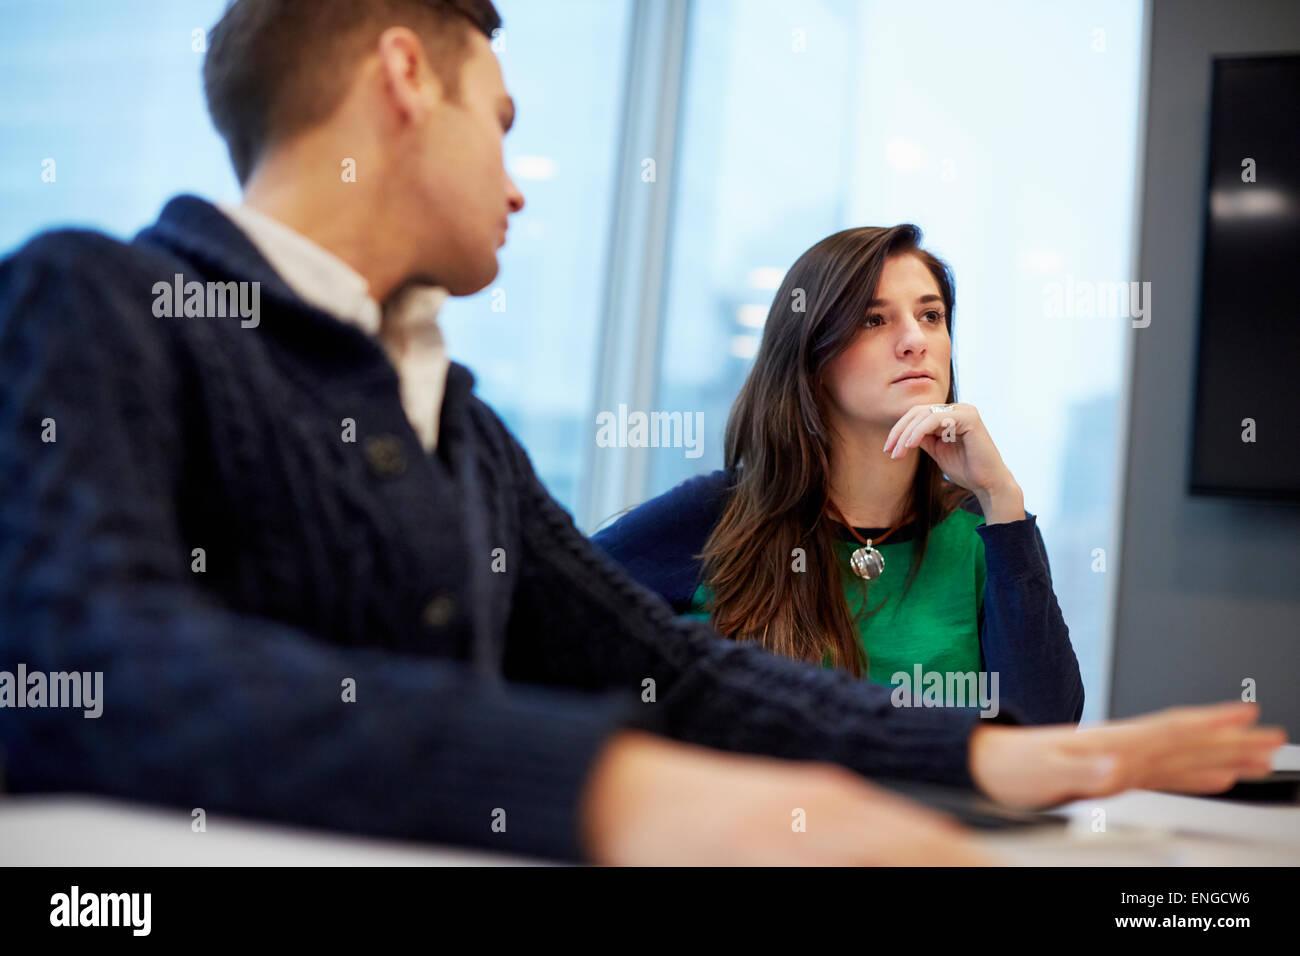 Ein Mann und eine Frau sitzen auf einer Tagung in einem Büro. Stockbild